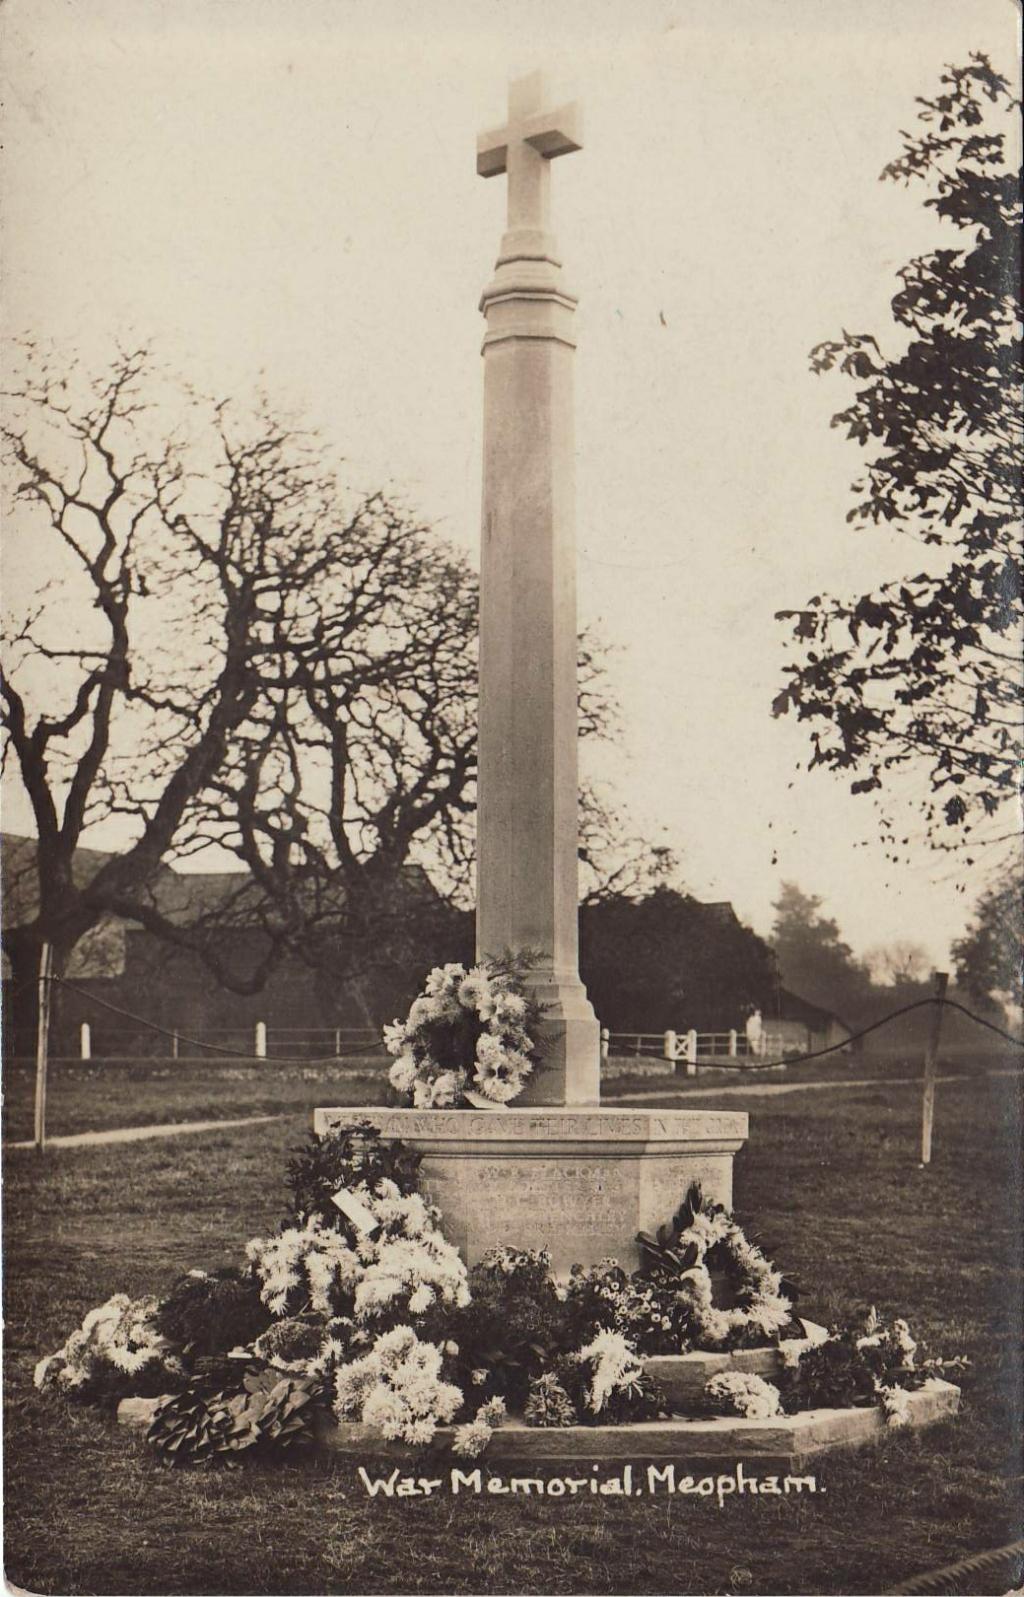 Meopham war memorial